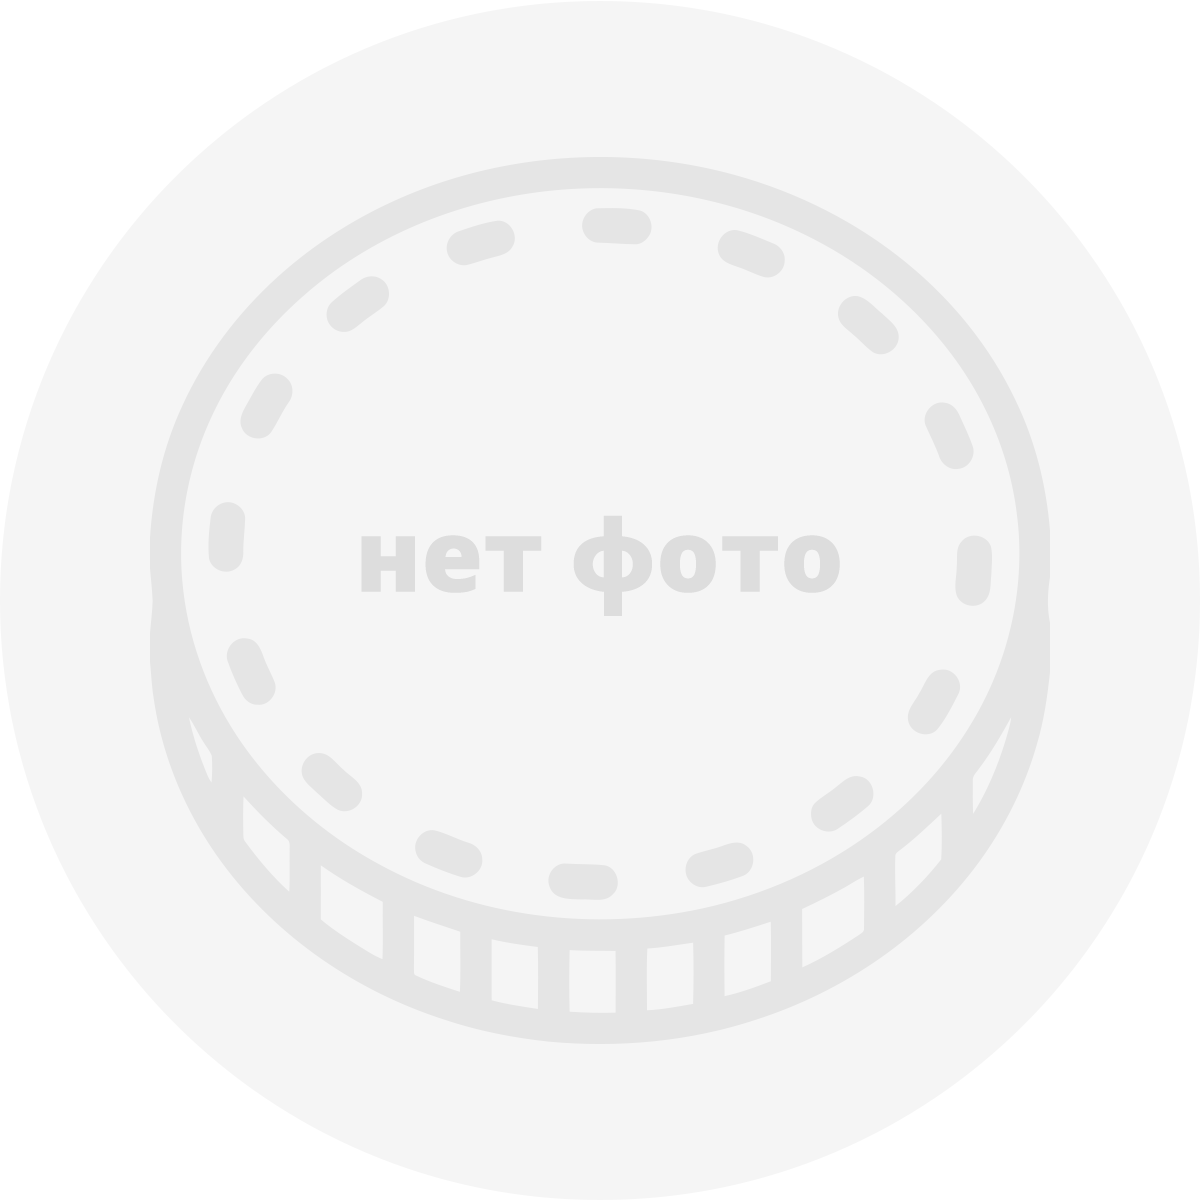 Самоклеющиеся холдеры 22,5 мм